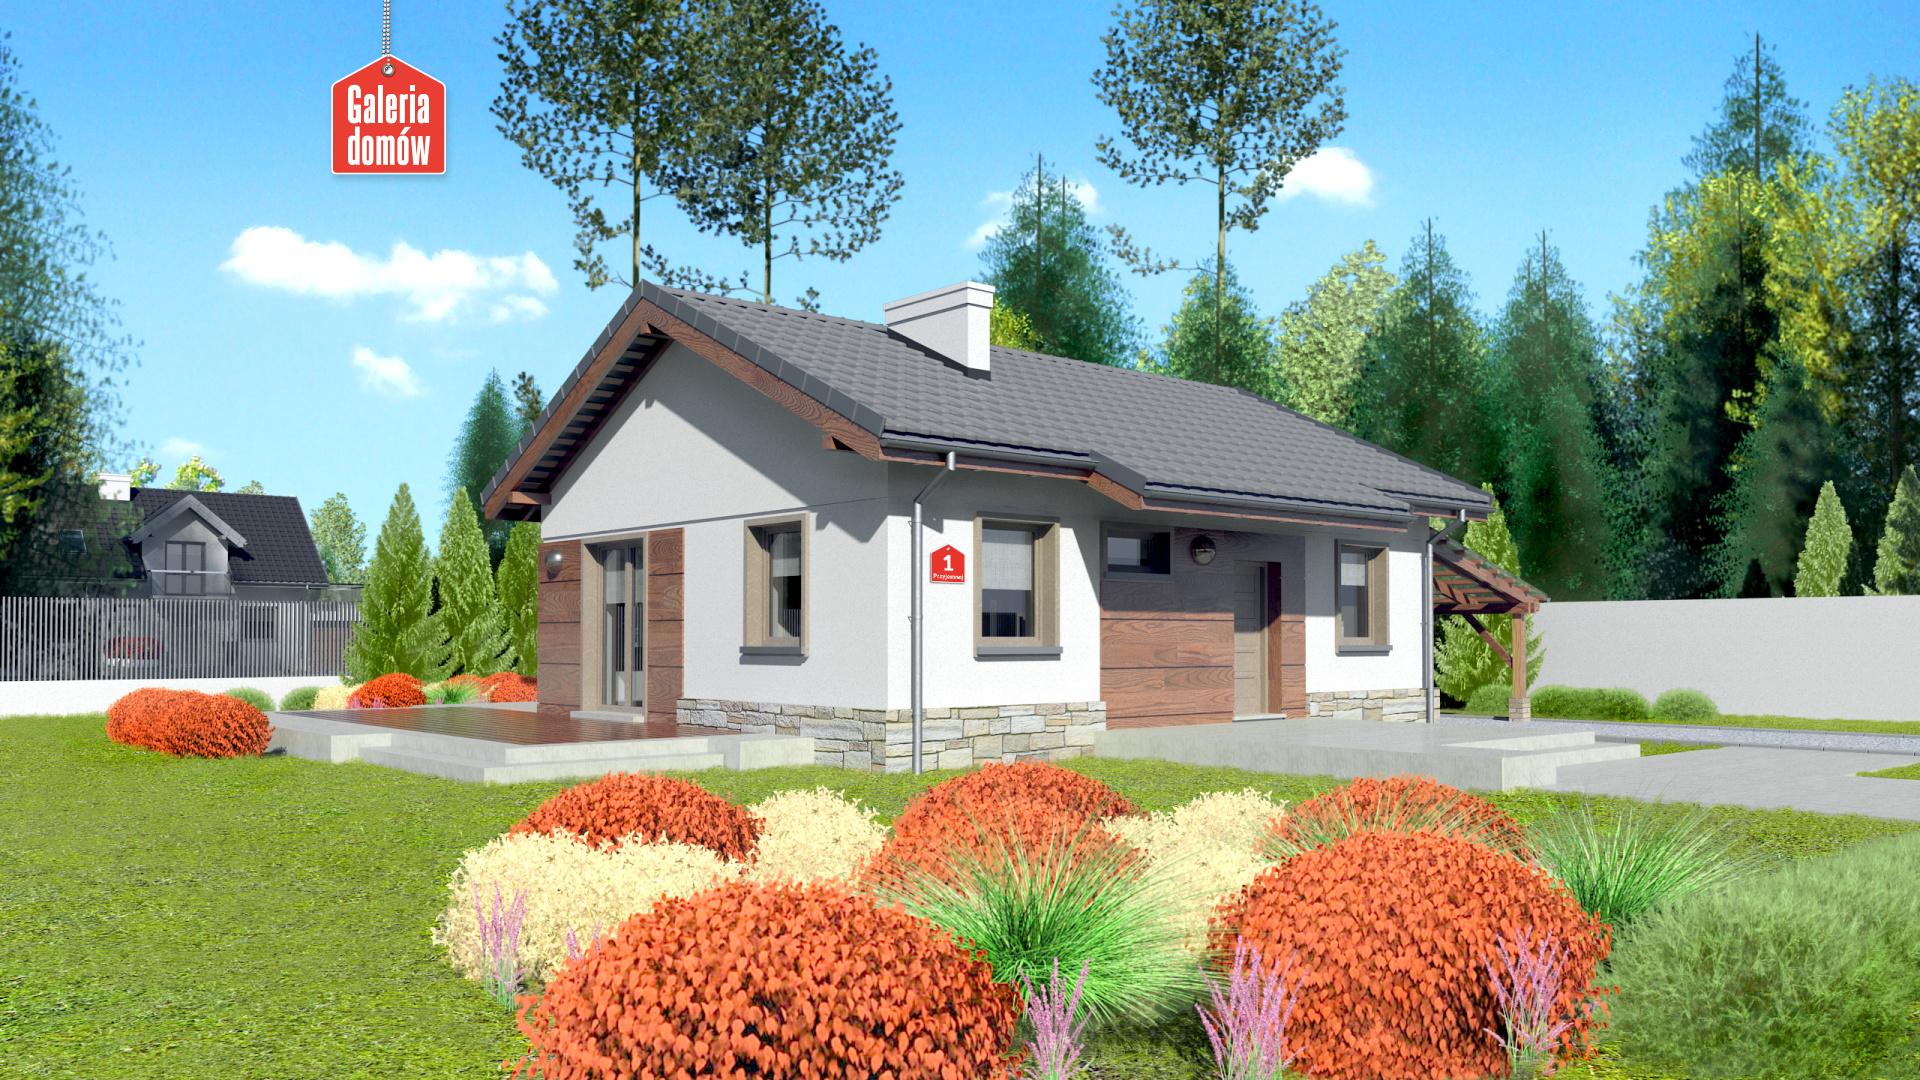 Dom przy Przyjemnej - zdjęcie projektu i wizualizacja